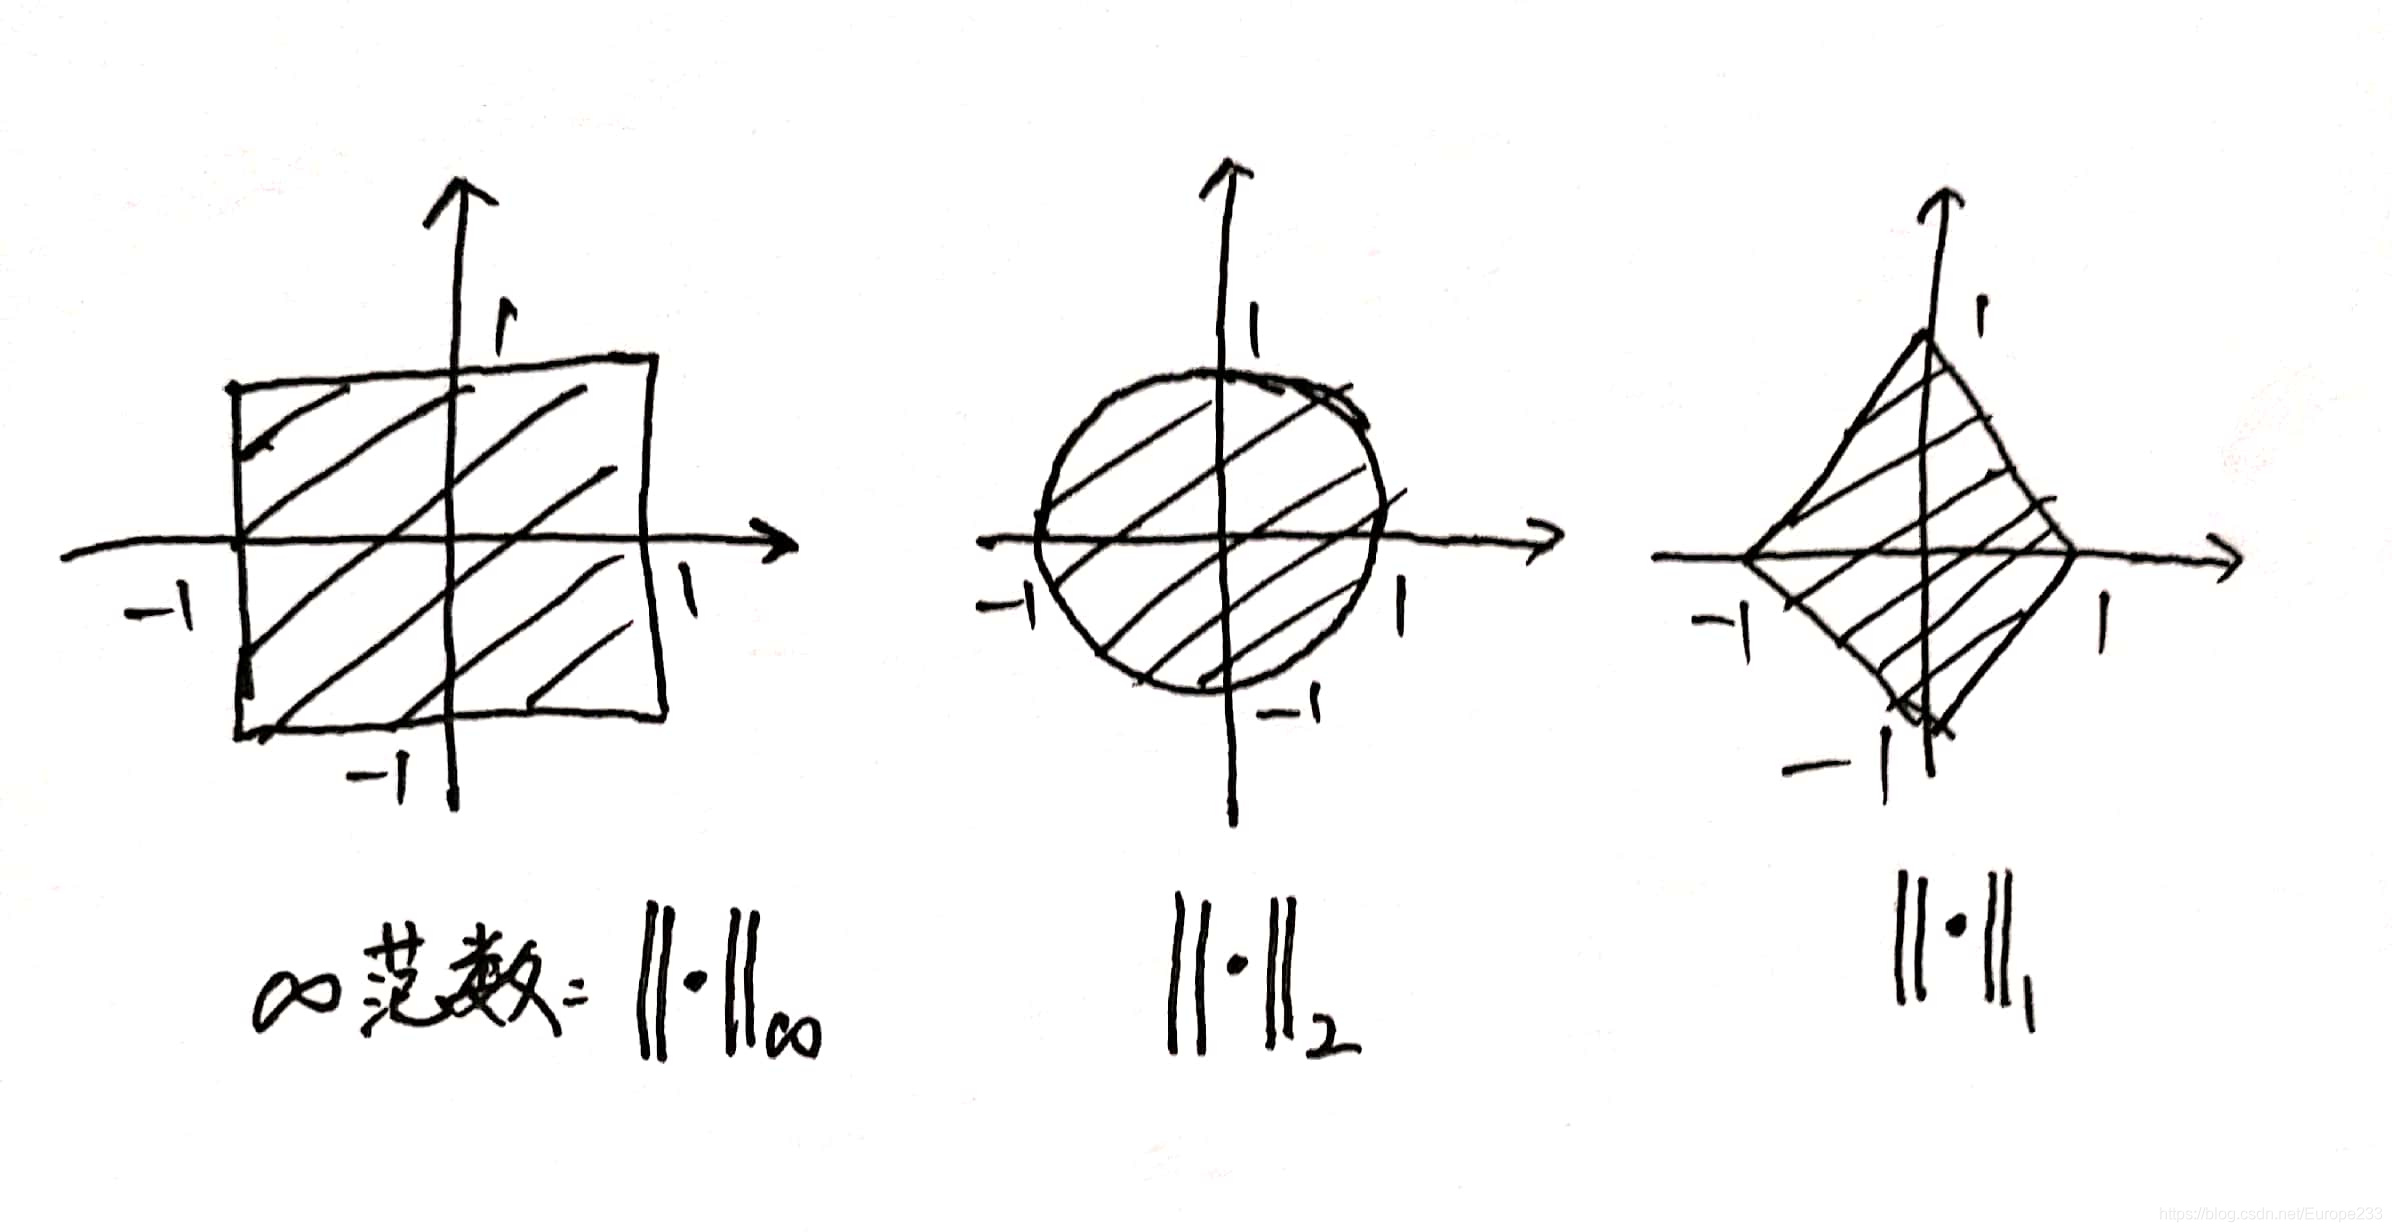 二维下几个常见范数对应的单位凸球